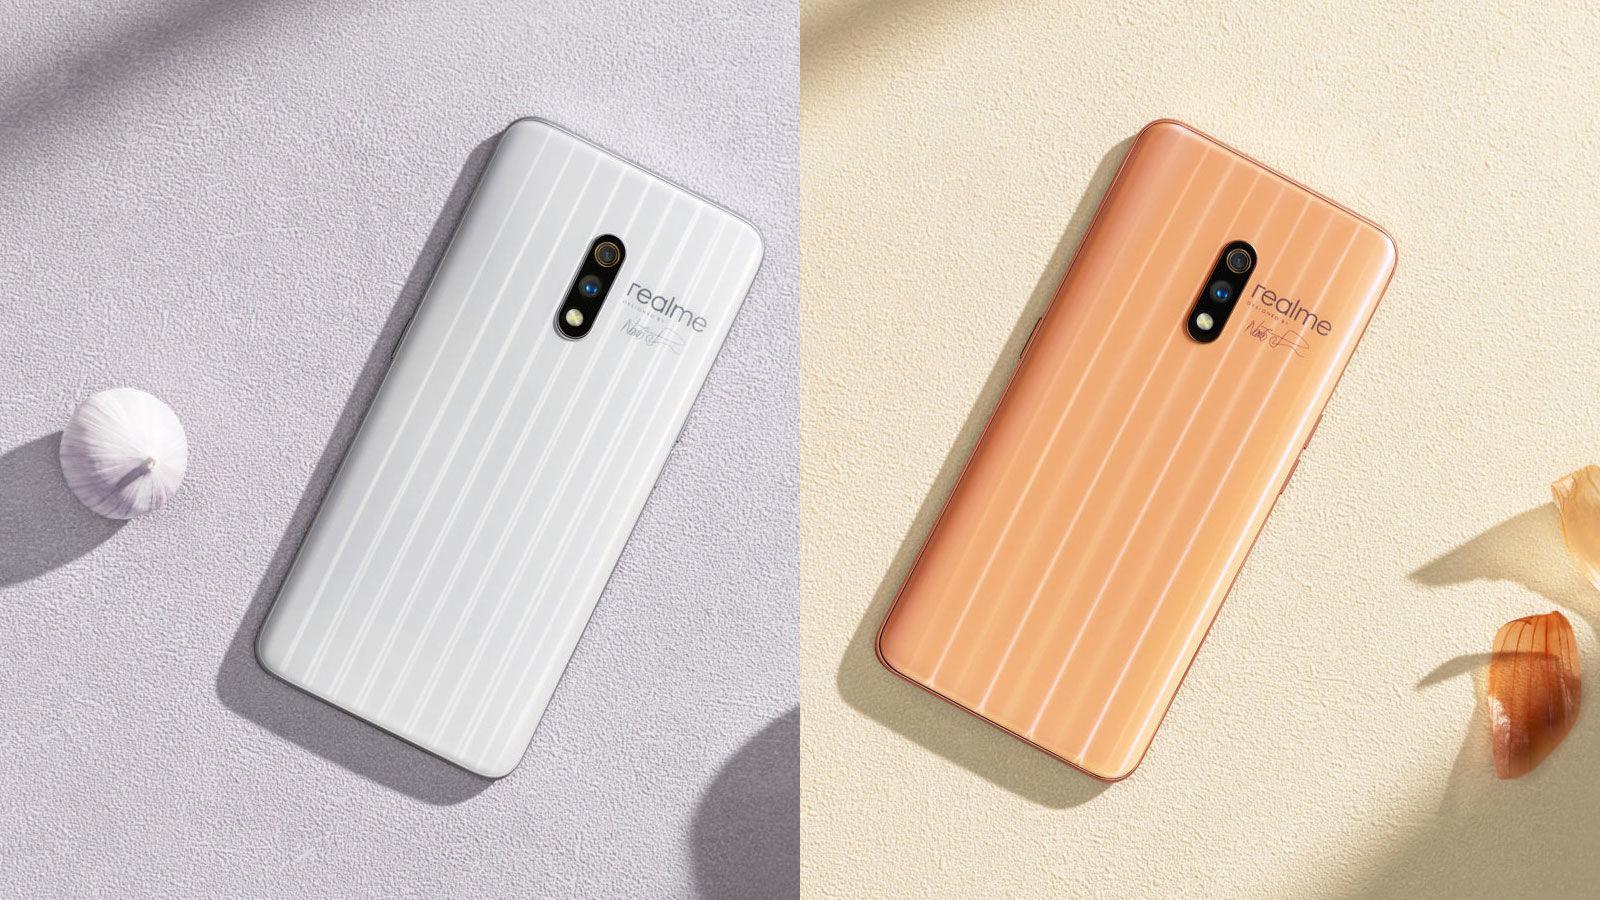 Realme представила первый флагманский смартфон Realme X с всплывающей селфи-камерой и Snapdragon 710 (dims 3)